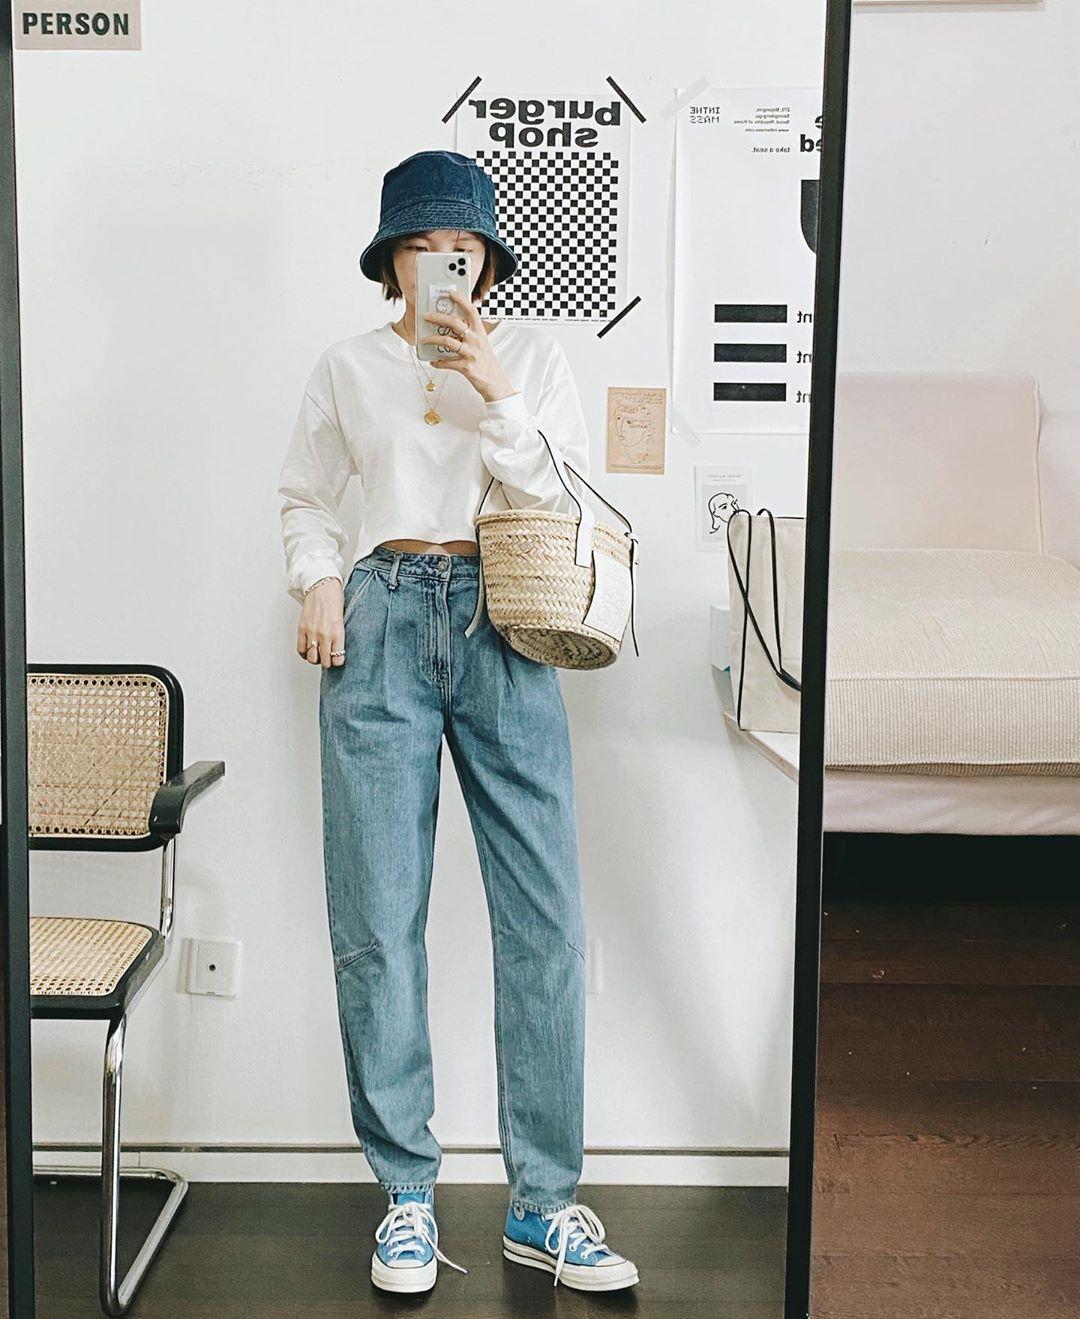 Mê quần jeans nhưng sợ phát ngốt vì nắng hè, chị em cứ nhắm trúng 4 kiểu dáng thoải mái sau mà diện - Ảnh 4